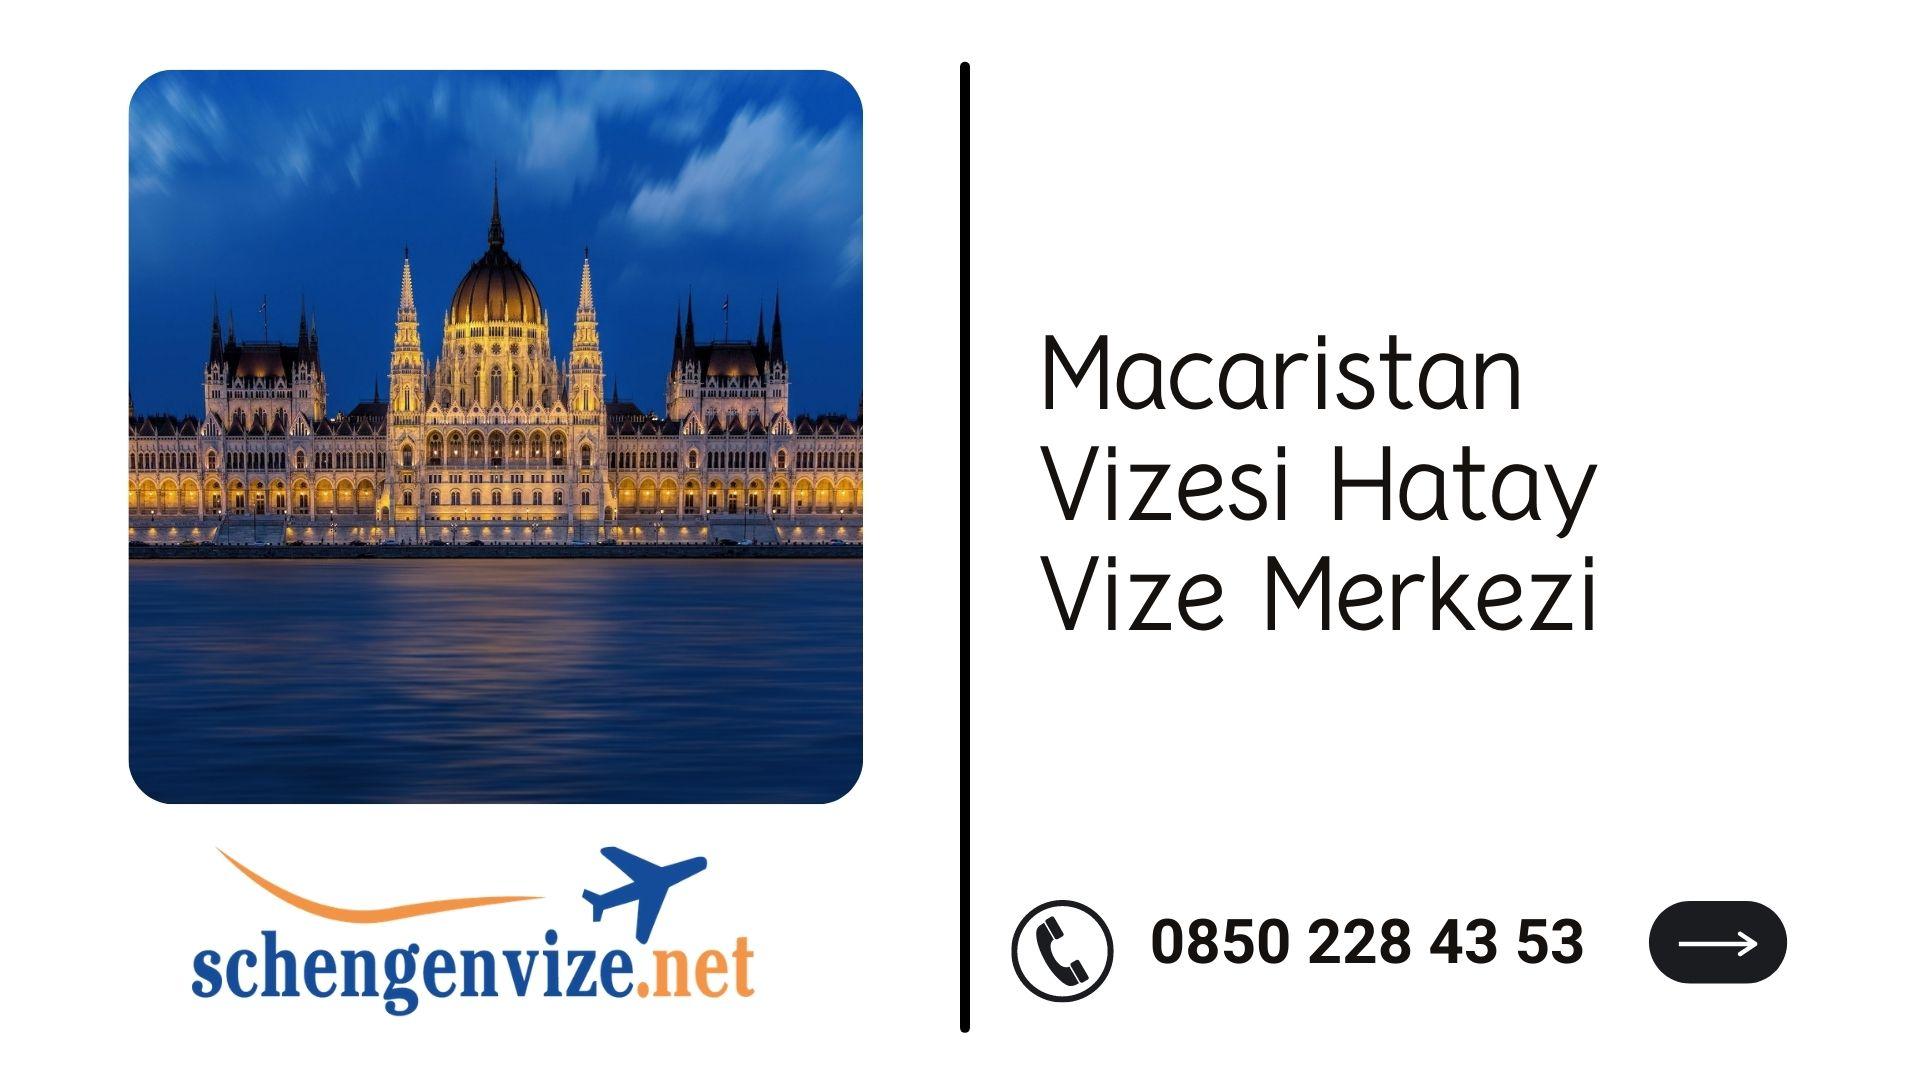 Macaristan Vizesi Hatay Vize Merkezi